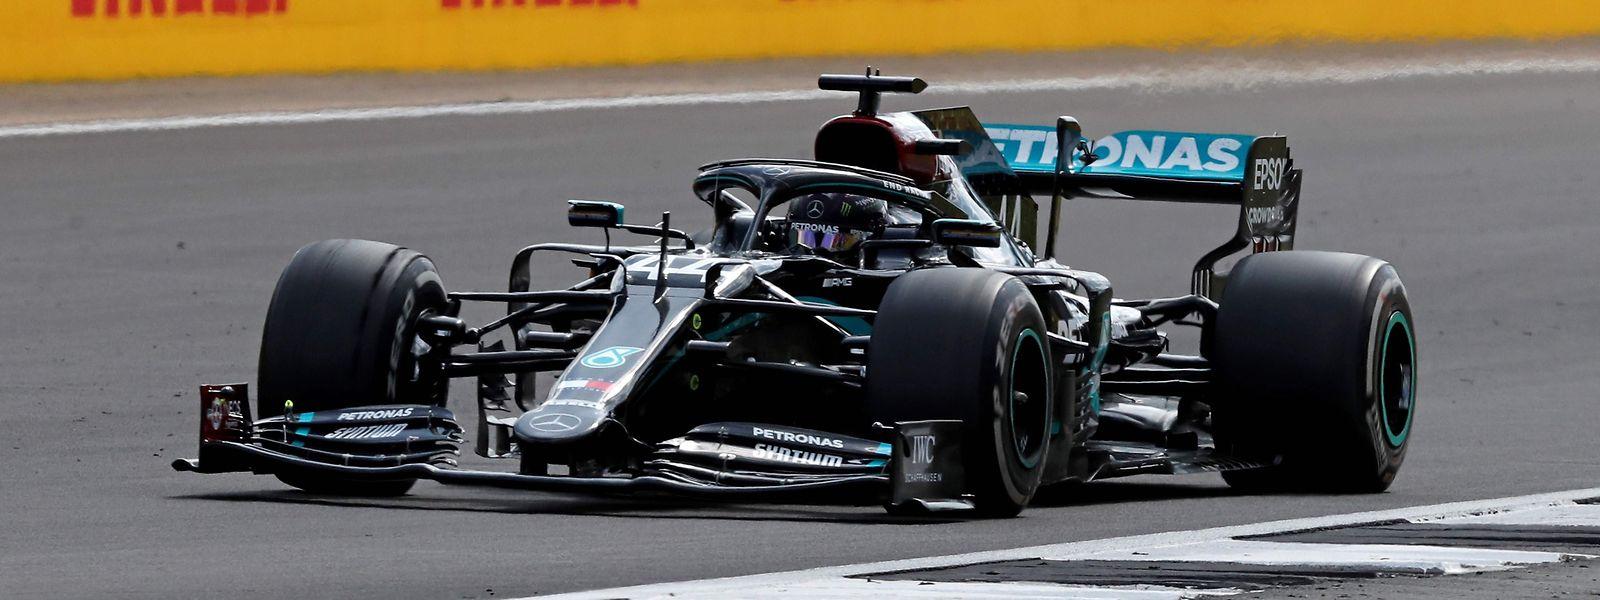 Lewis Hamilton dominiert nach Belieben.